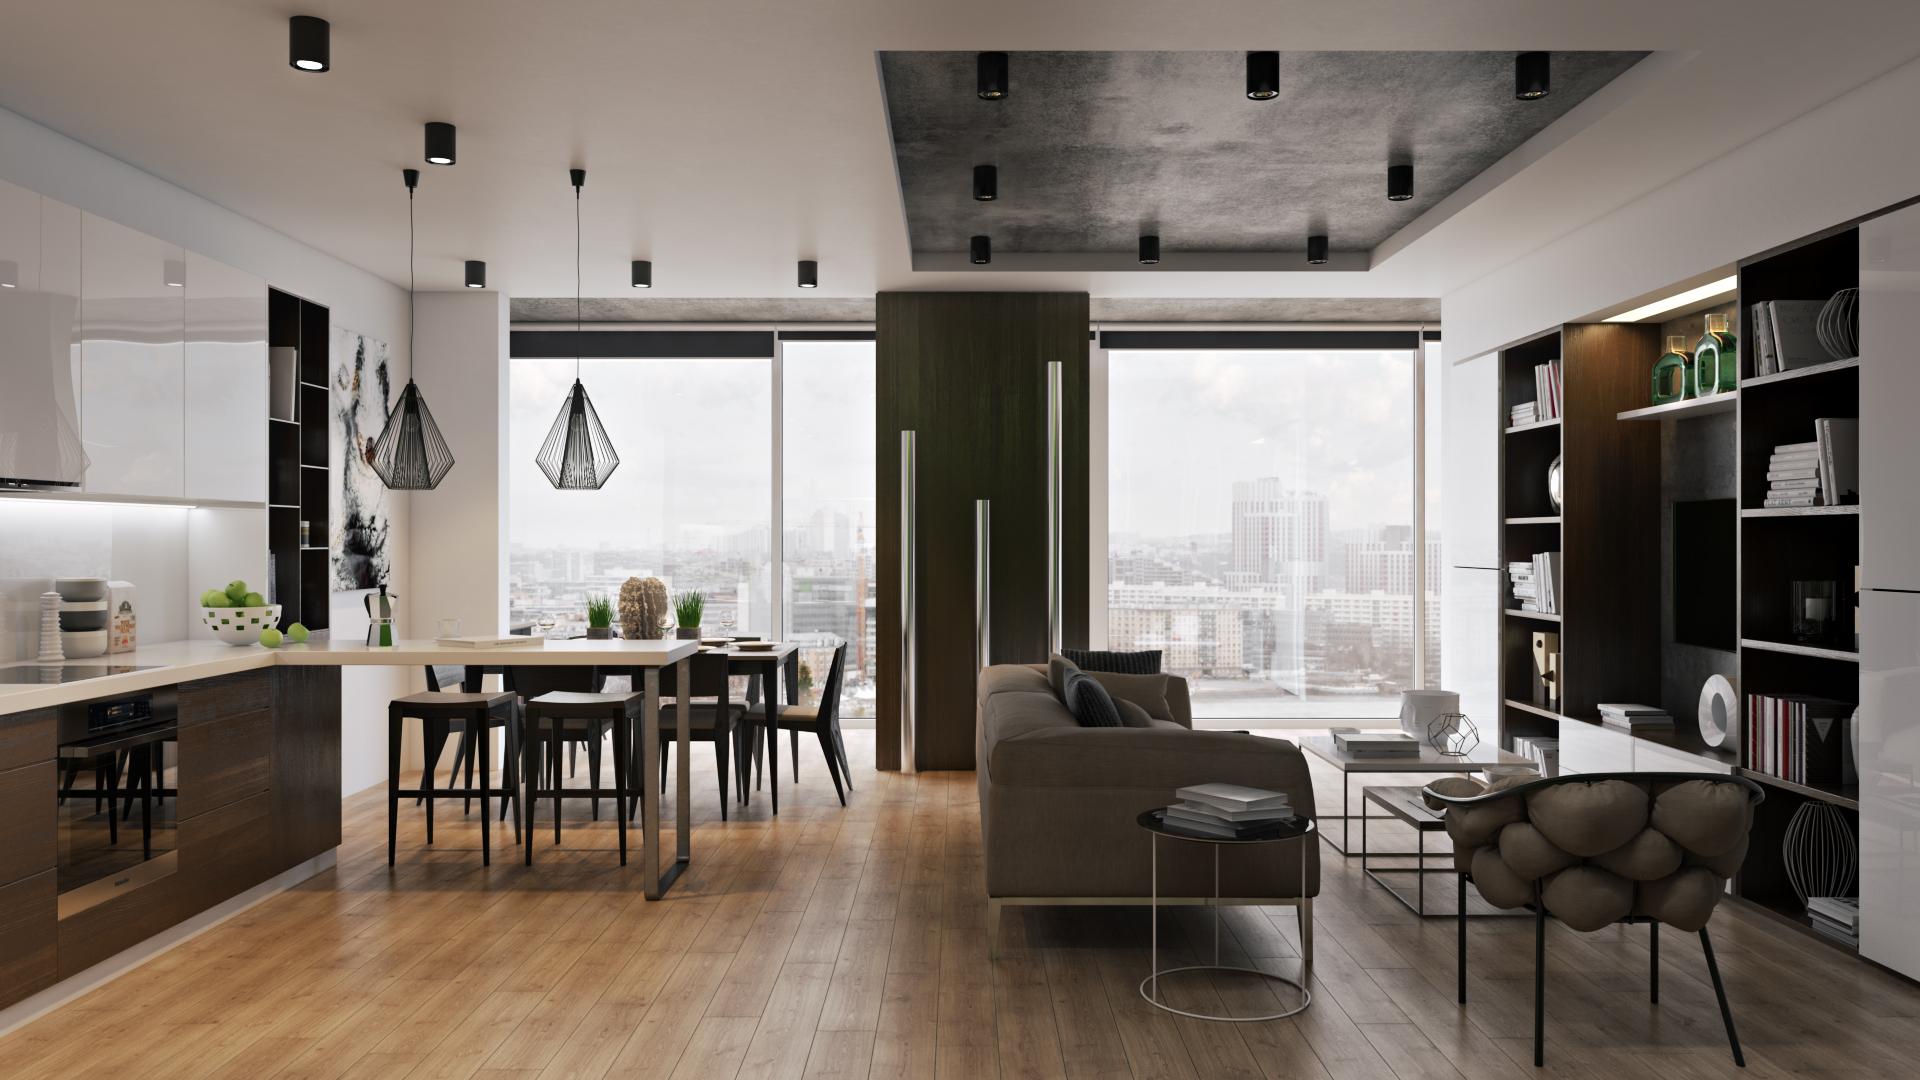 Living Arredamento Soggiorno Moderno Design.Arredamento Soggiorno Moderno Design Consigli E Idee Per La